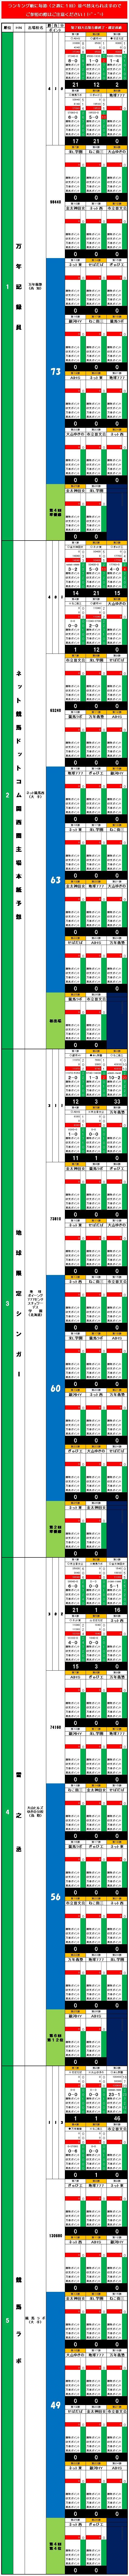 20150912・ダルマンリーグ第5節後半終了個人成績データ①.jpg